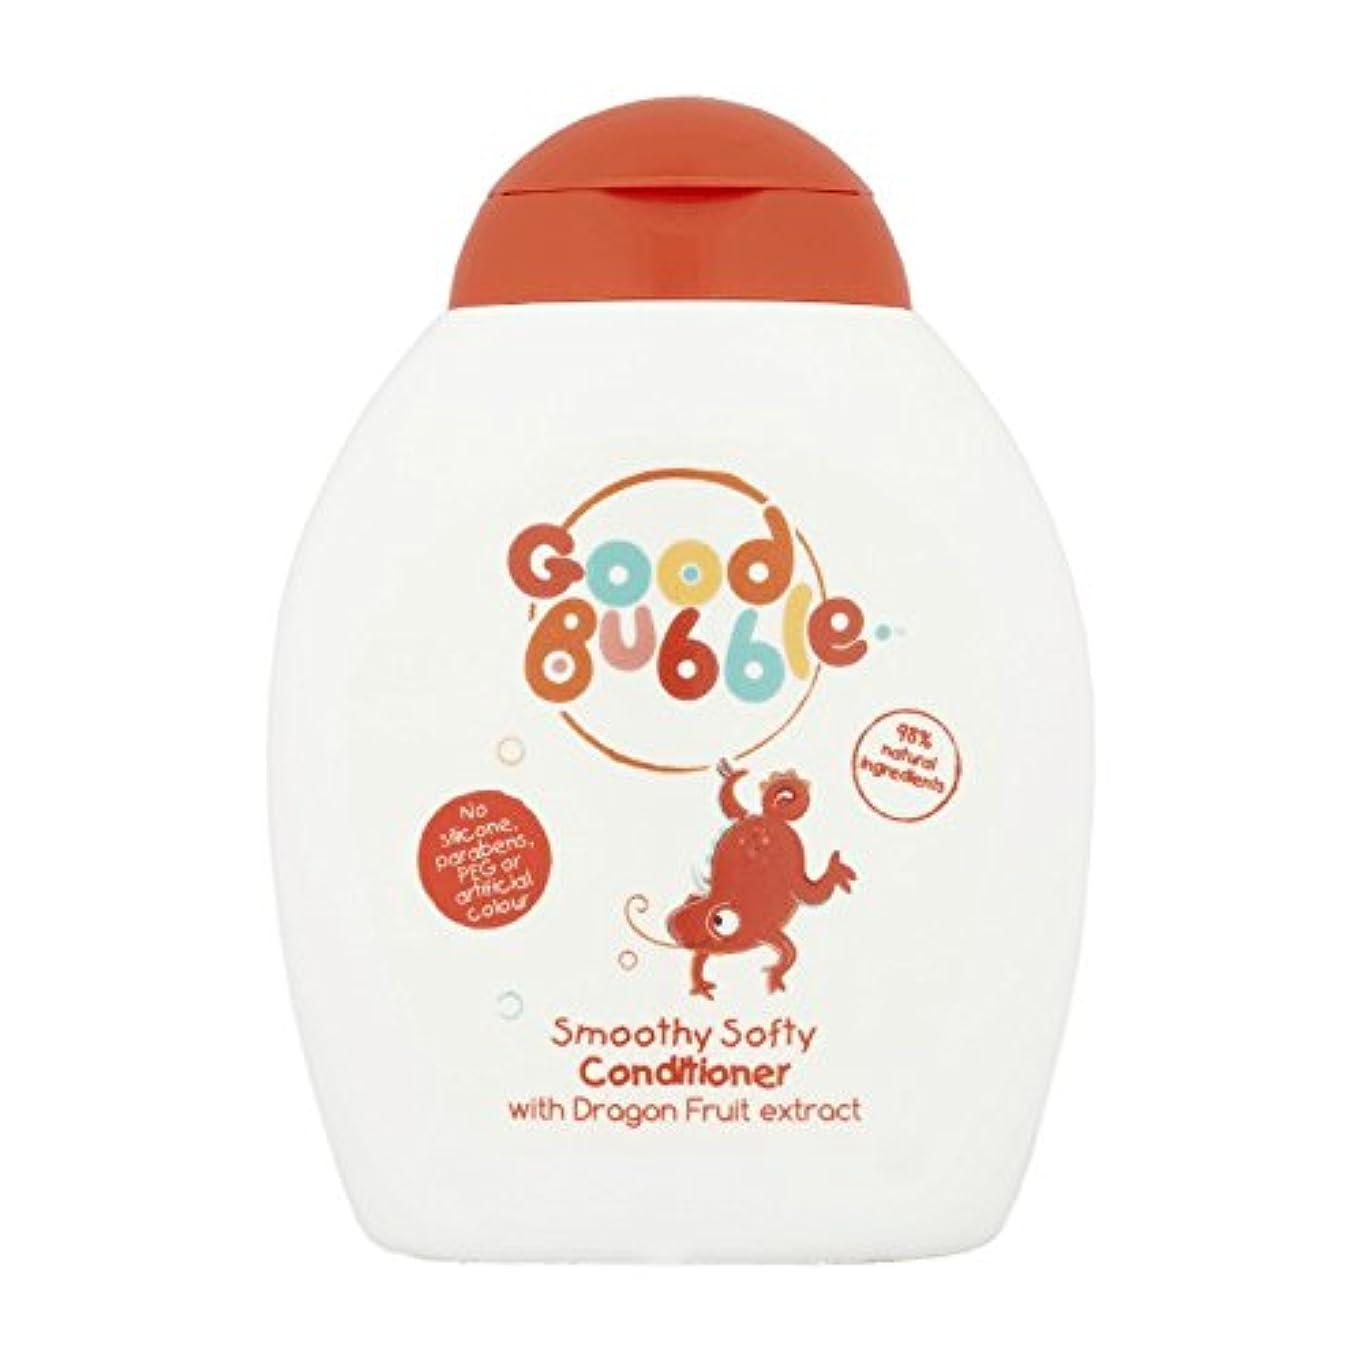 タックインタビュー優先Good Bubble Dragon Fruit Conditioner 250ml (Pack of 2) - 良いバブルドラゴンフルーツコンディショナー250ミリリットル (x2) [並行輸入品]